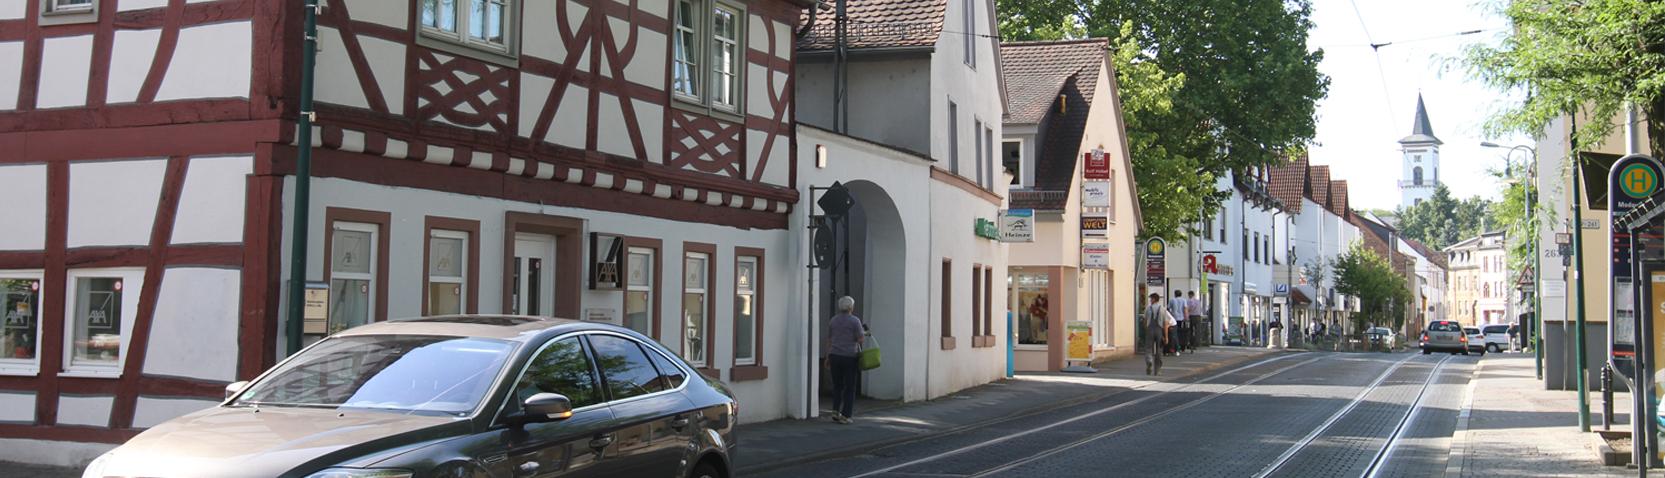 eberstadt_1665x478